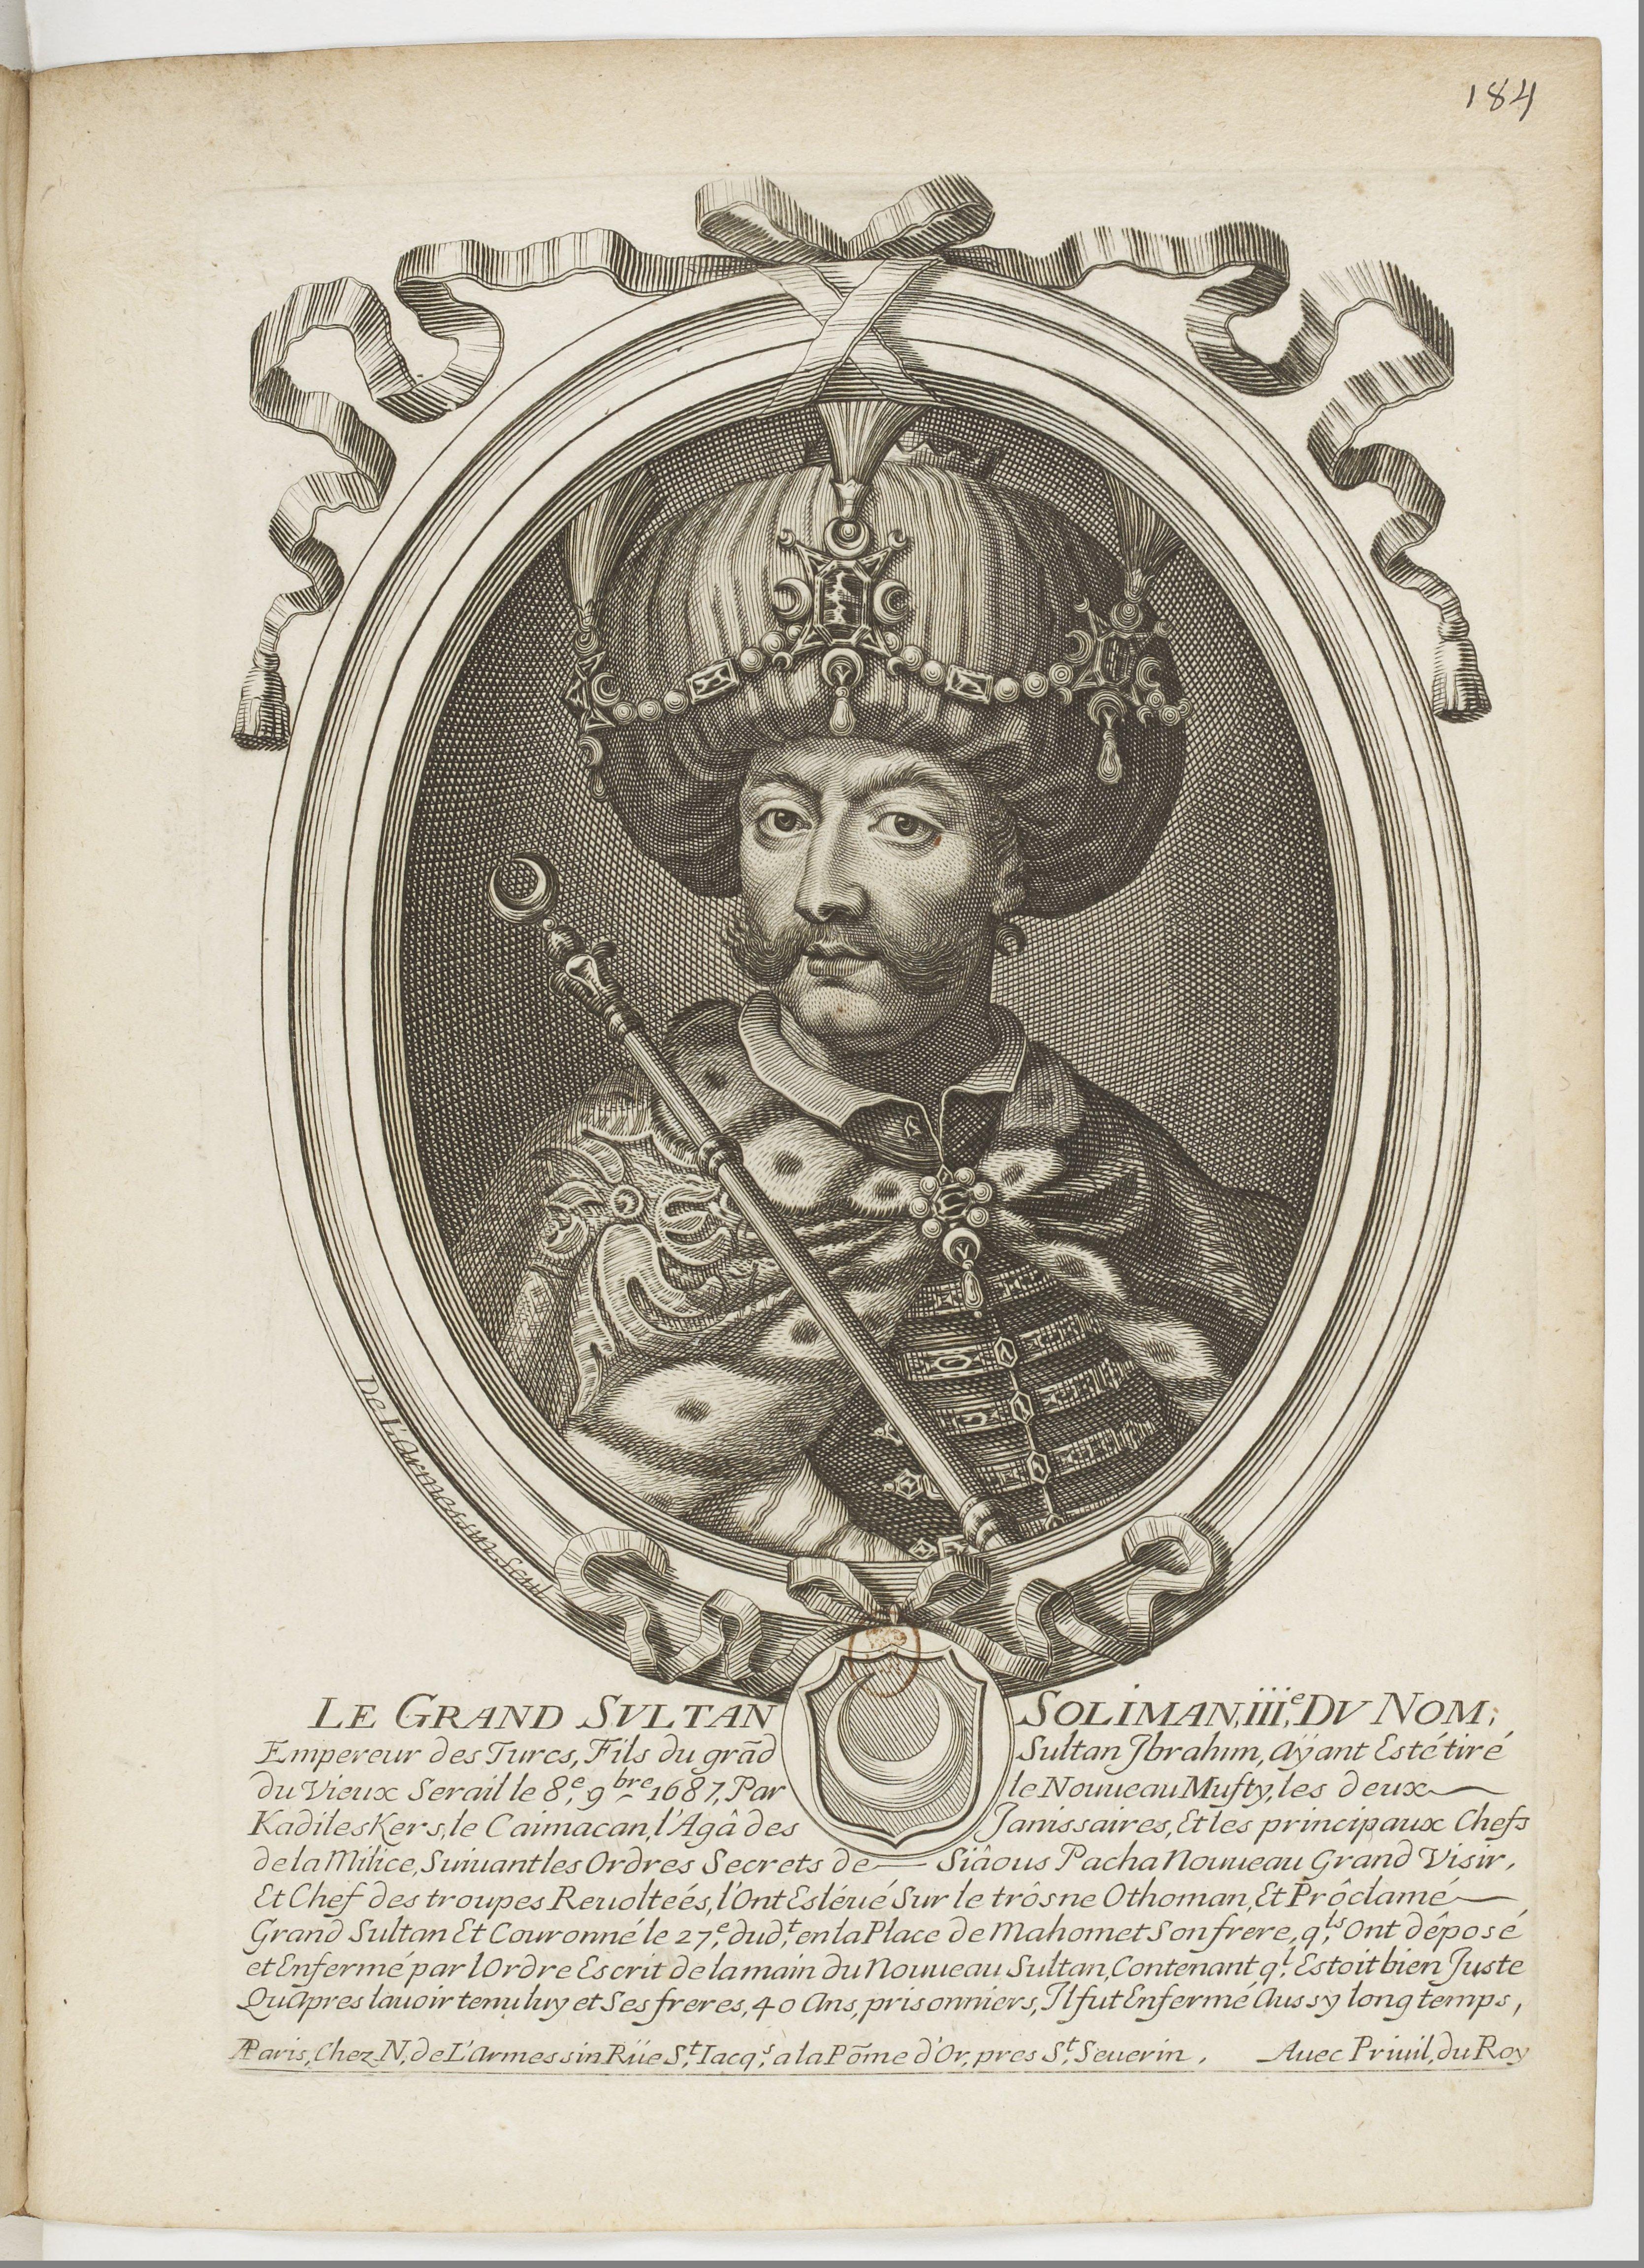 File:Estampes par Nicolas de Larmessin.f189.Soliman II